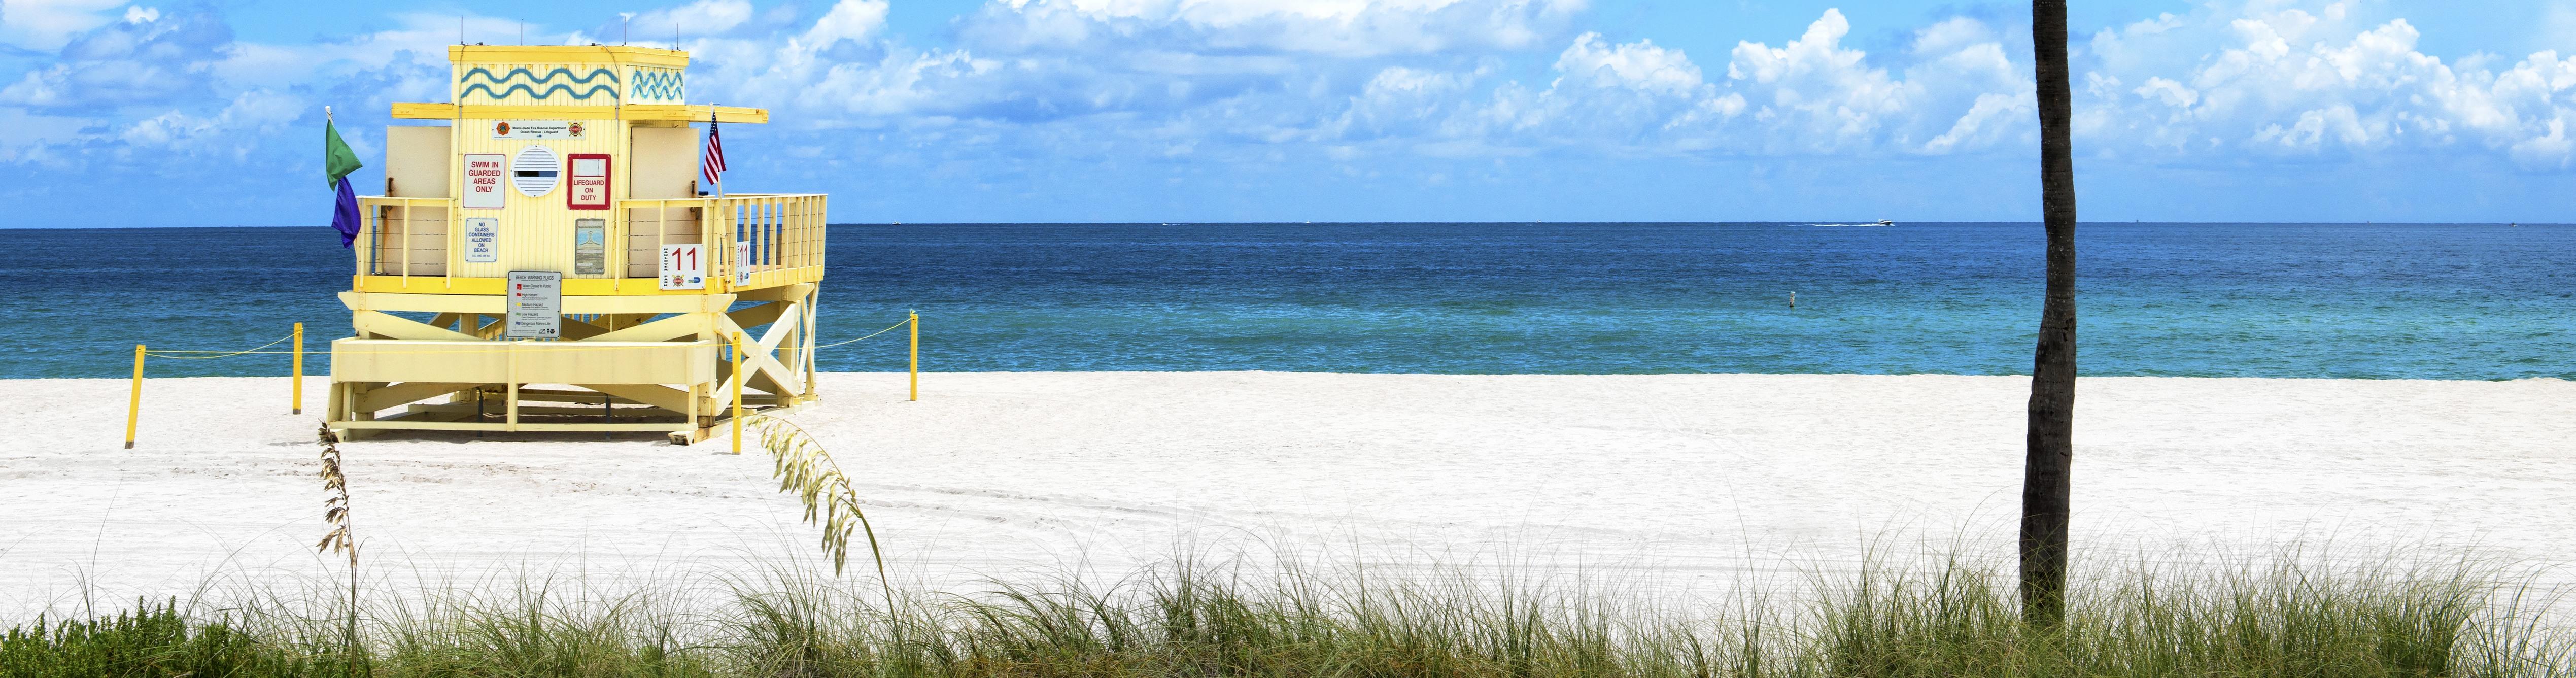 Miami - Florida Faliképek, Fényképek | eladása az Europosters hu-n